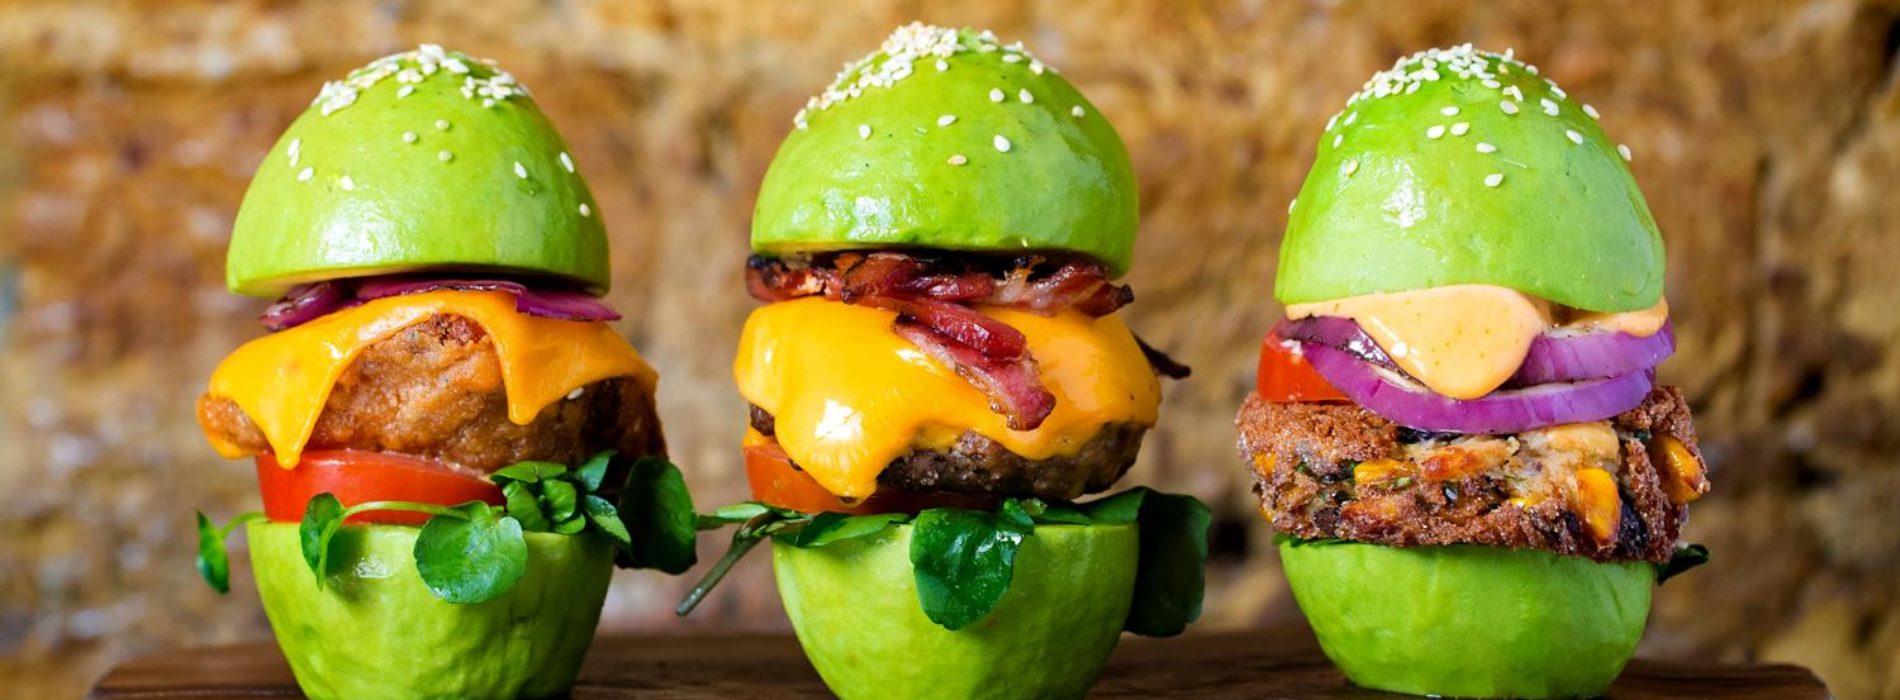 Avocado Bar Roma, a Monti apre il primo locale d'Italia dedicato al frutto esotico con burger e frullati